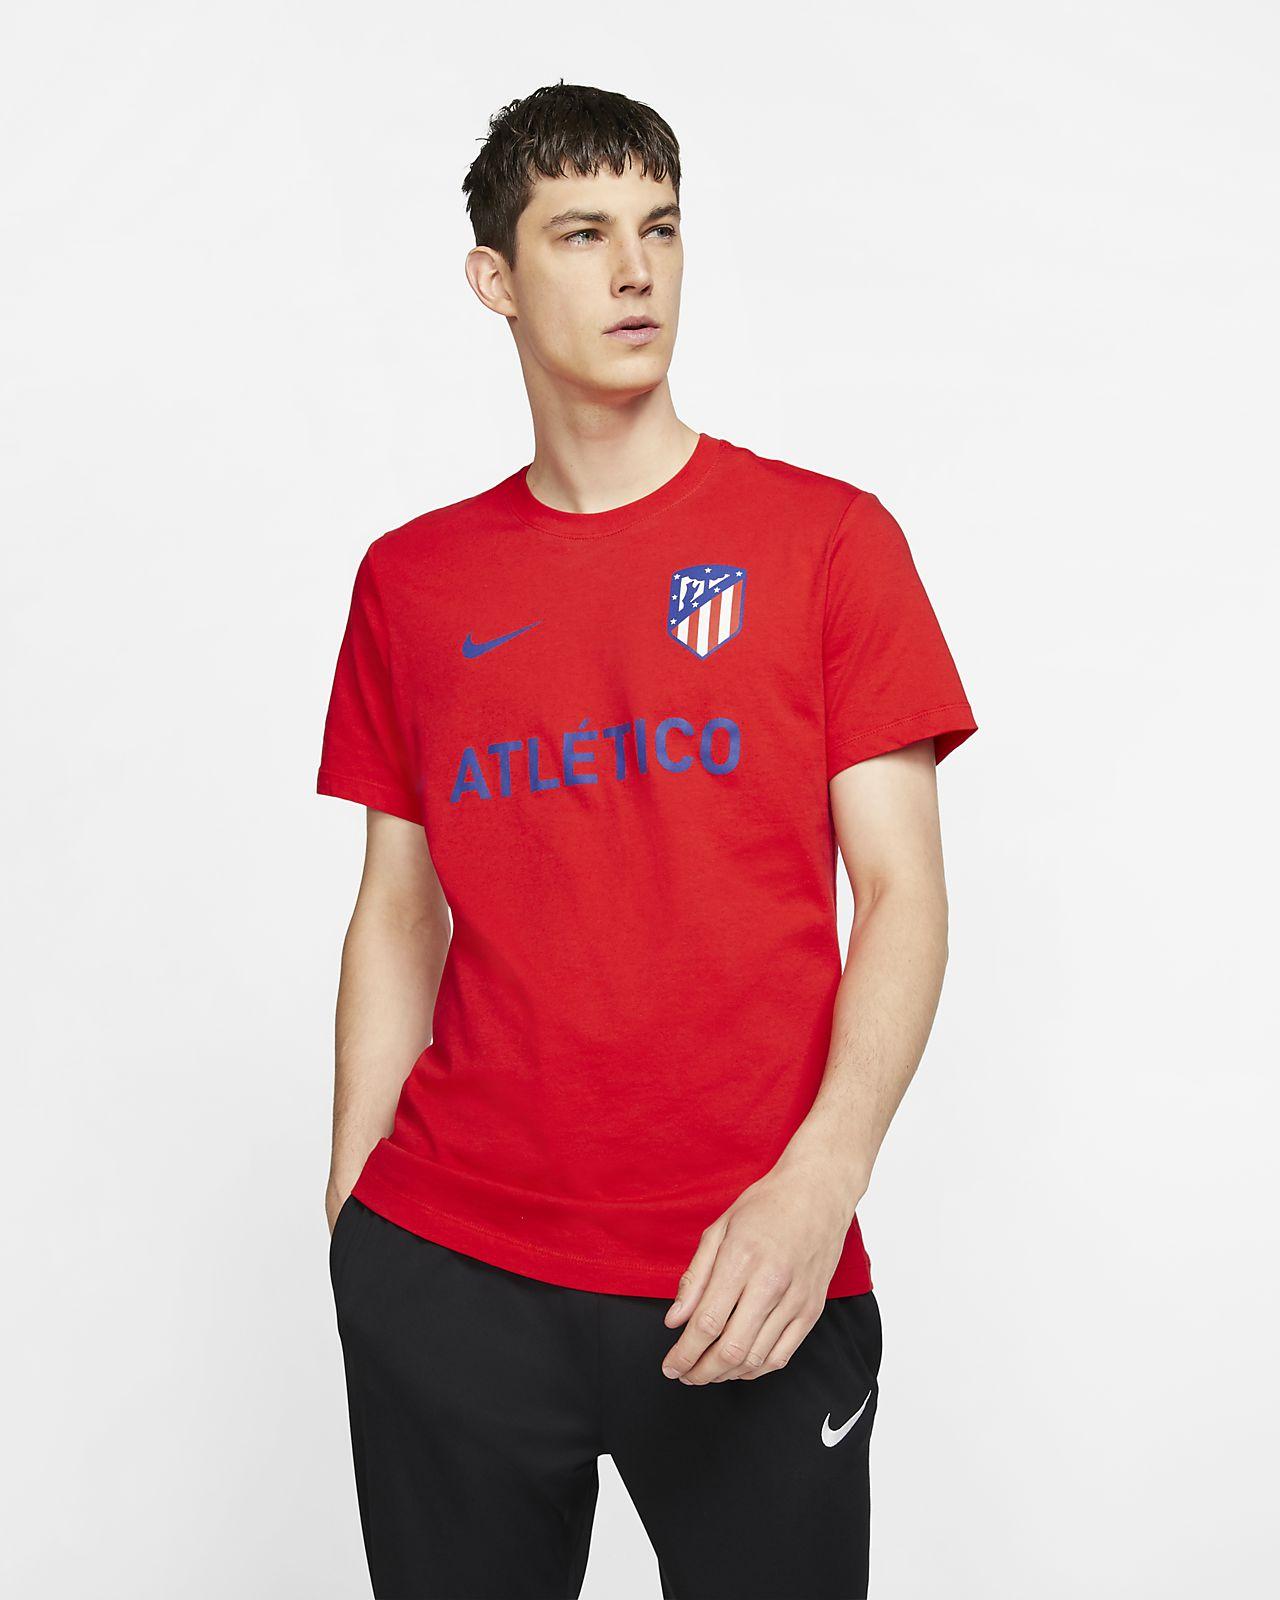 Atlético de Madrid T-shirt voor heren